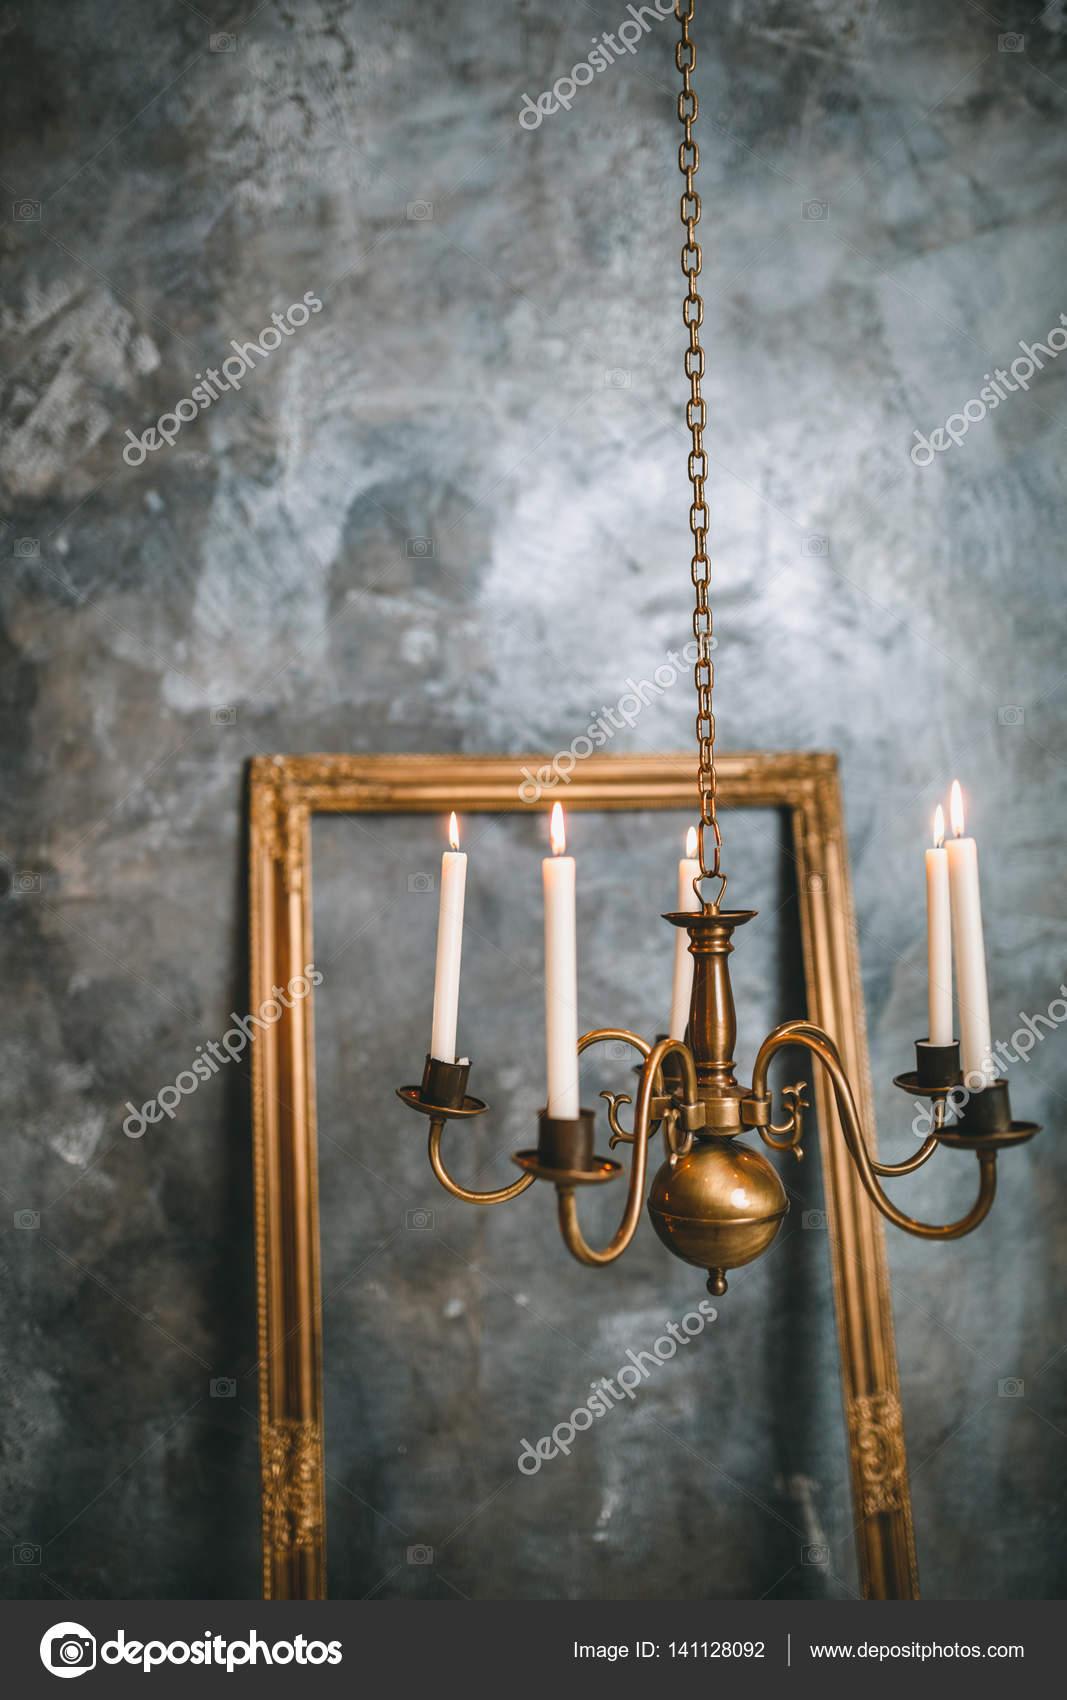 Fantastisch Romantische Interieur Zum Valentinstag Mit Kerzen Lichter Brennen Im Zimmer  U2014 Stockfoto